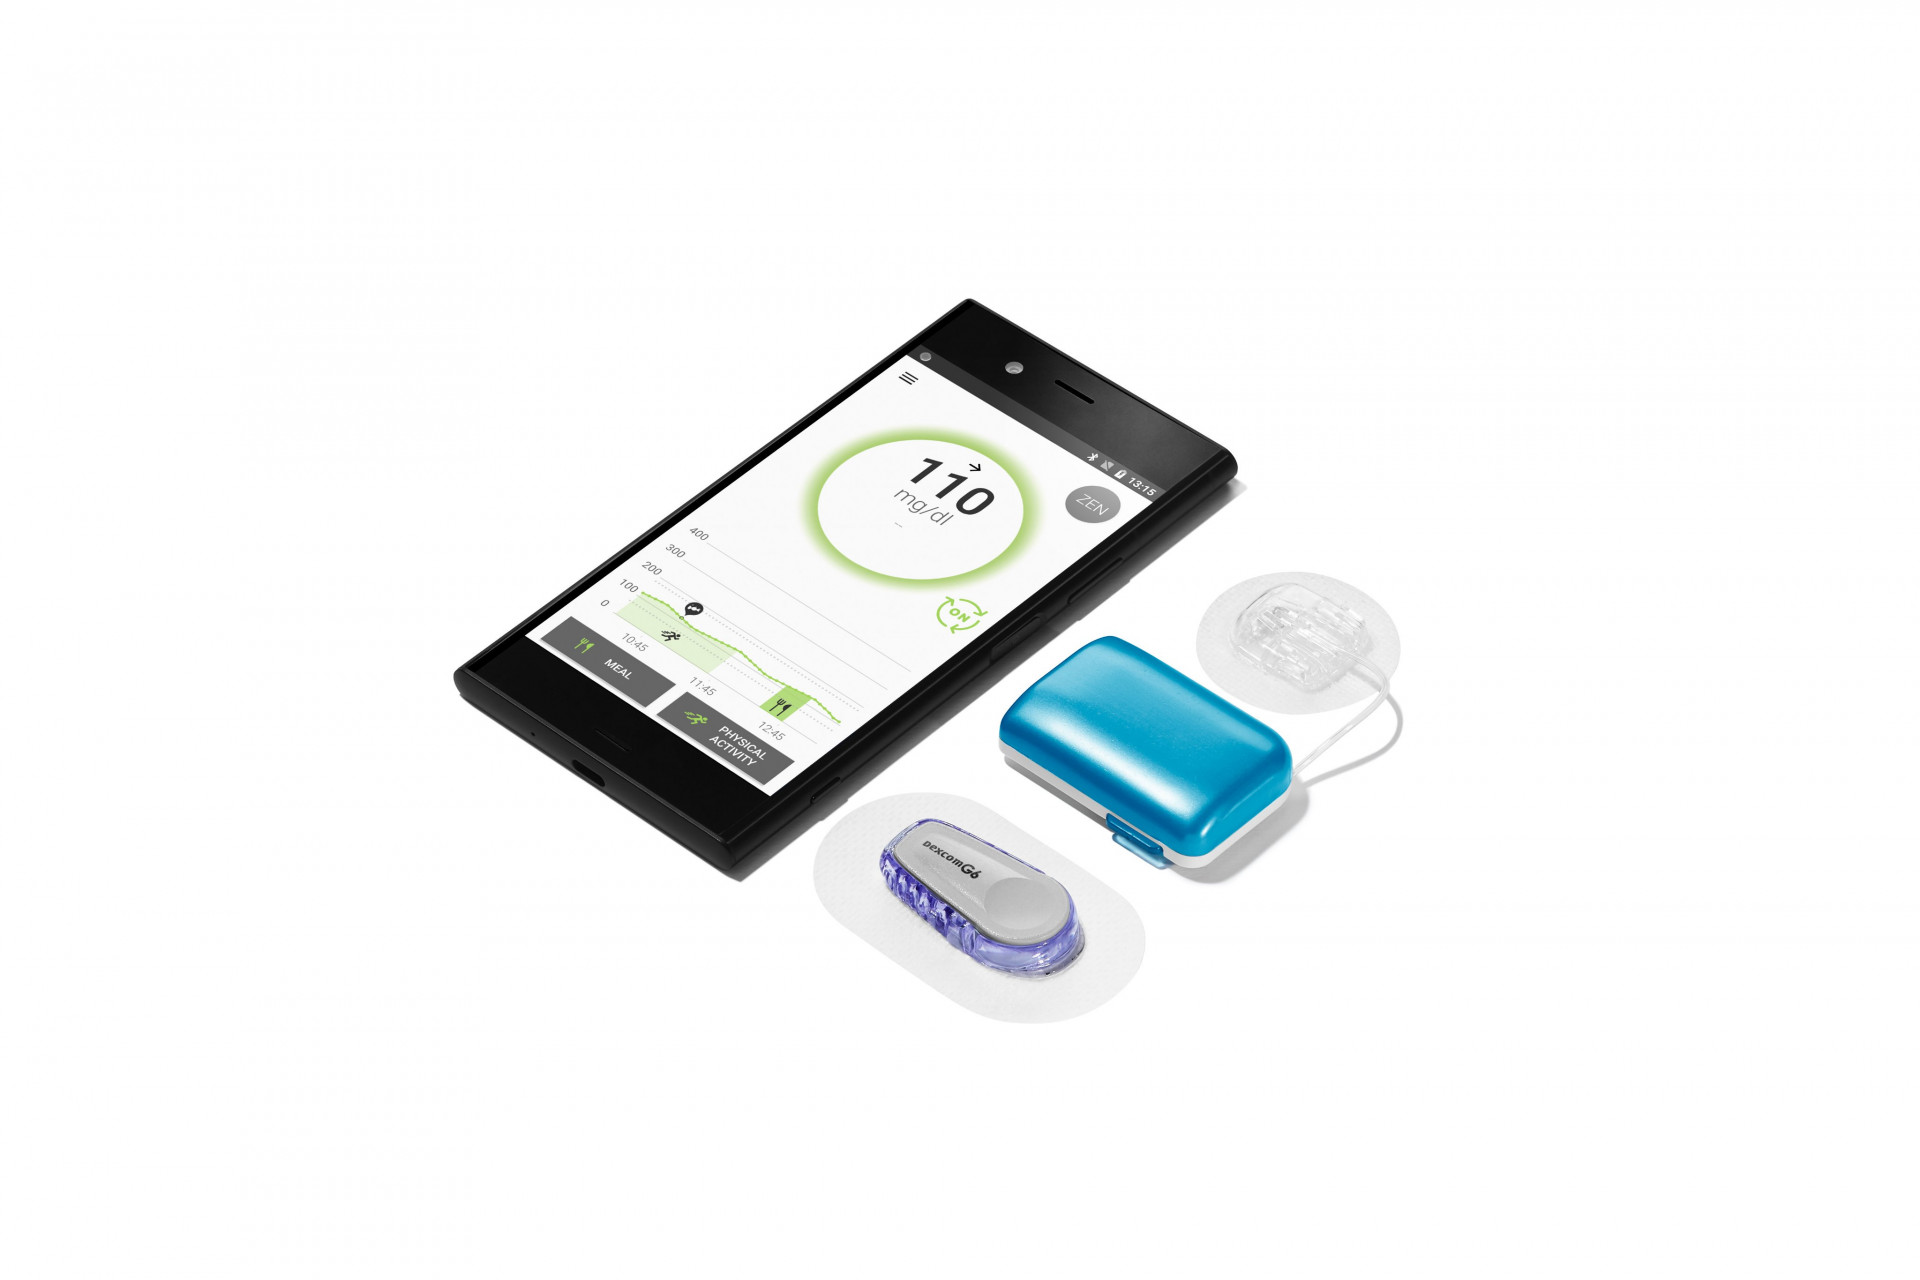 法国医疗科技公司 Diabeloop 融资 3100 万欧元,加强人工智能设备在 1 型糖尿病患者中_中欧新闻_欧洲中文网